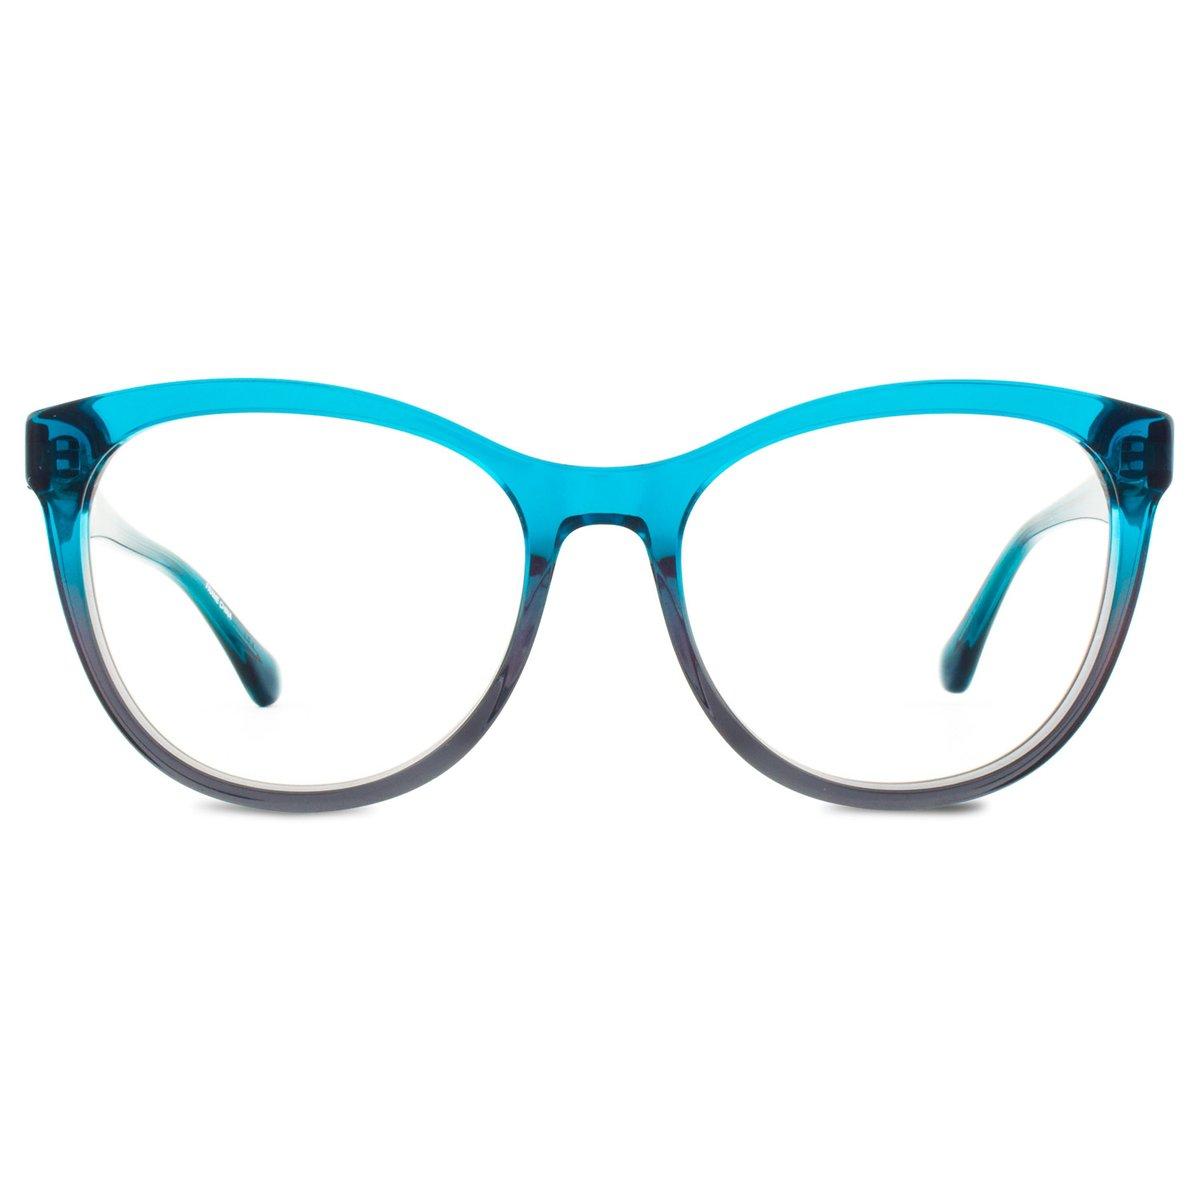 3b7736bc785b5 Armação Óculos de Grau Calvin Klein CK5923 433 54 - Compre Agora ...